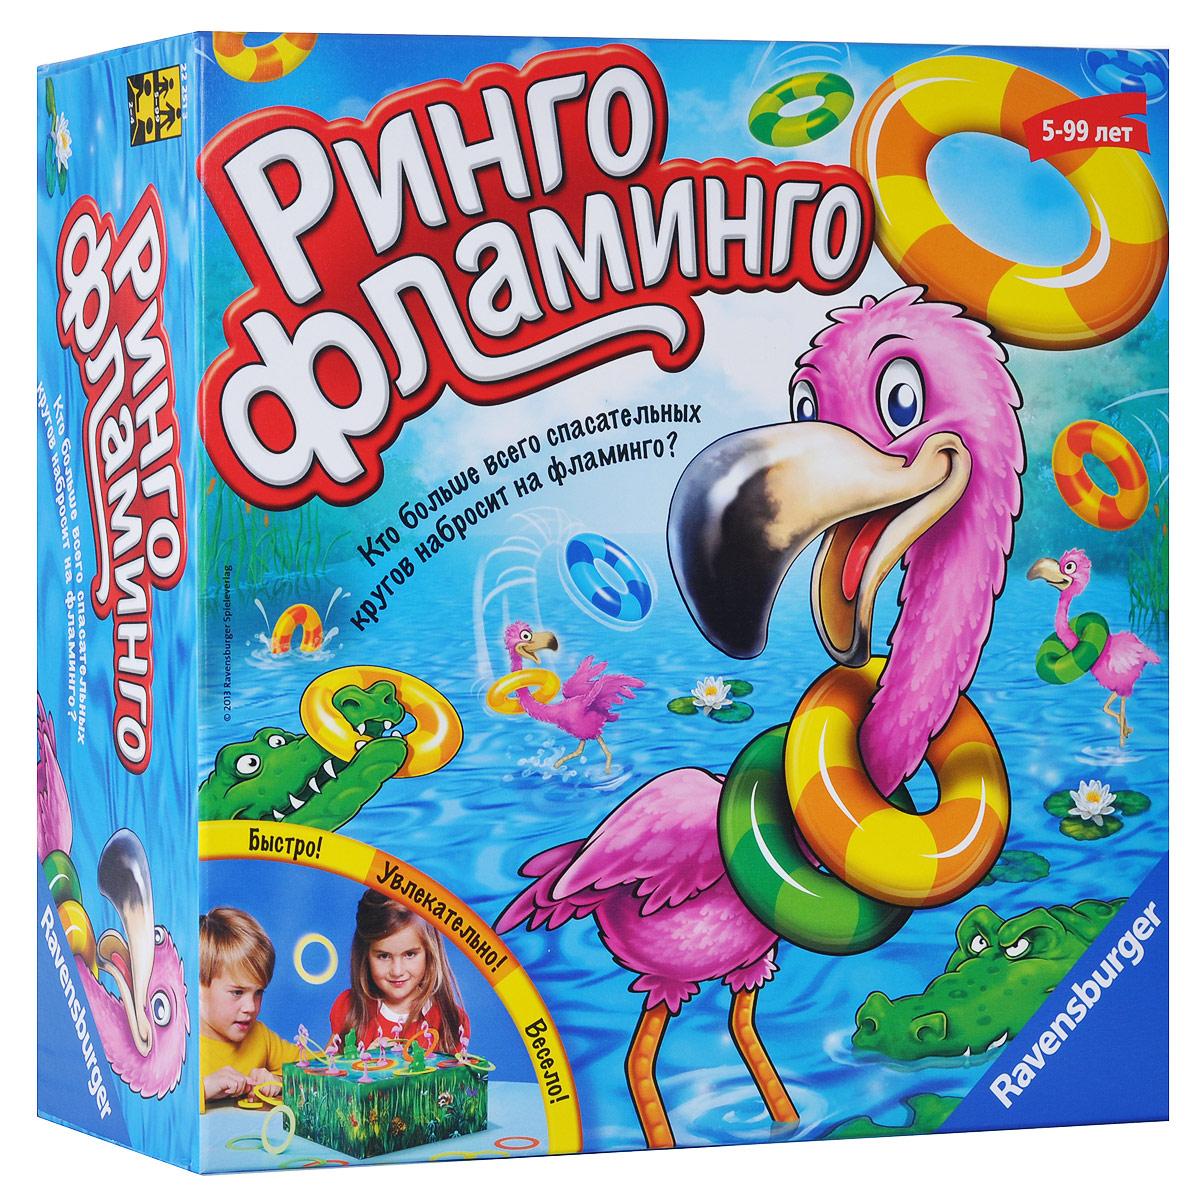 Настольная игра Ravensburger Ринго Фламинго222513Настольная игра Ravensburger Ринго Фламинго позволит вашему ребенку весело и с пользой провести время. Цель игры - спасти свои фигурки фламинго от крокодилов, набрасывая на фламинго спасательные круги. Каждый участник получает по 12 кругов своего цвета. Все участники играют одновременно до тех пор, пока не израсходуют все свои круги. После этого круги снимаются с фигурок и подсчитываются. Игрок, собравший в этом раунде больше всего спасательных кругов, выигрывает этот раунд и награждается одной фишкой-ракушкой. Выигрывает тот, кто после трех раундов обладает наибольшим количеством фишек. В комплект Ravensburger Ринго Фламинго входят объемное игровое поле в виде красочной лагуны, 7 фигурок розовых фламинго, 2 фигурки крокодила, 4 спасательных шлюпки, 48 спасательных кругов желтого, голубого, оранжевого и салатового цветов (по 12 каждого цвета), 12 фишек-раковин и правила игры на русском языке.